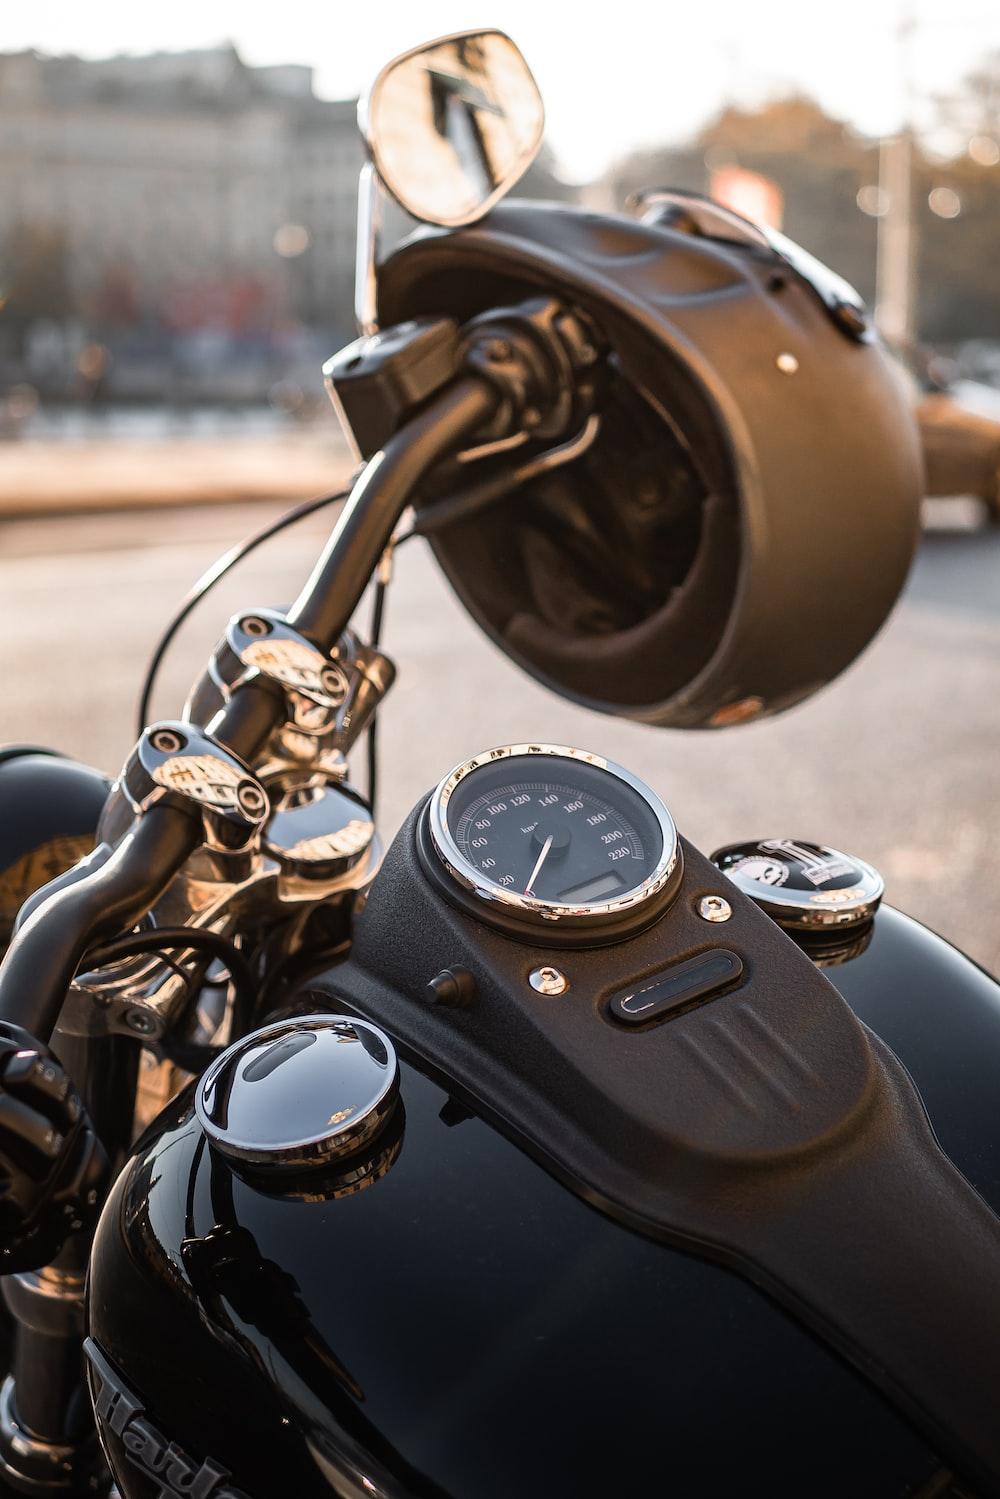 black motorcycle and black motorcycle helmet